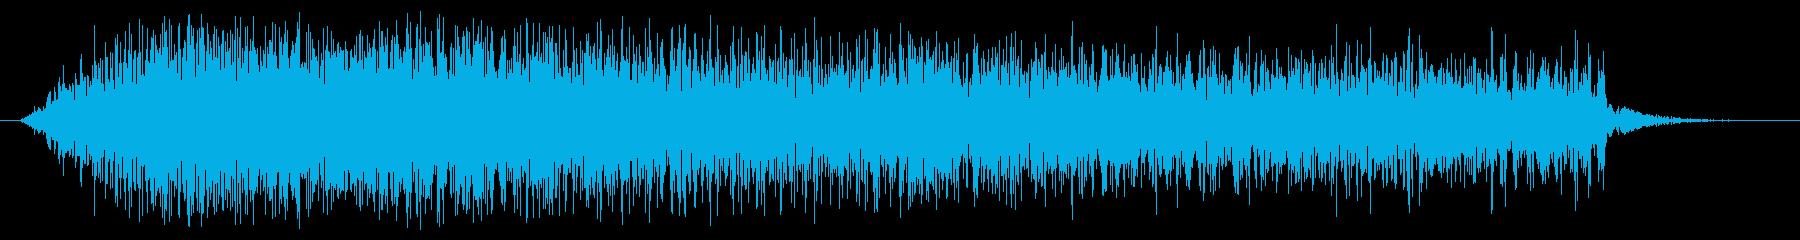 素材 グリッティスペースドロップ03の再生済みの波形